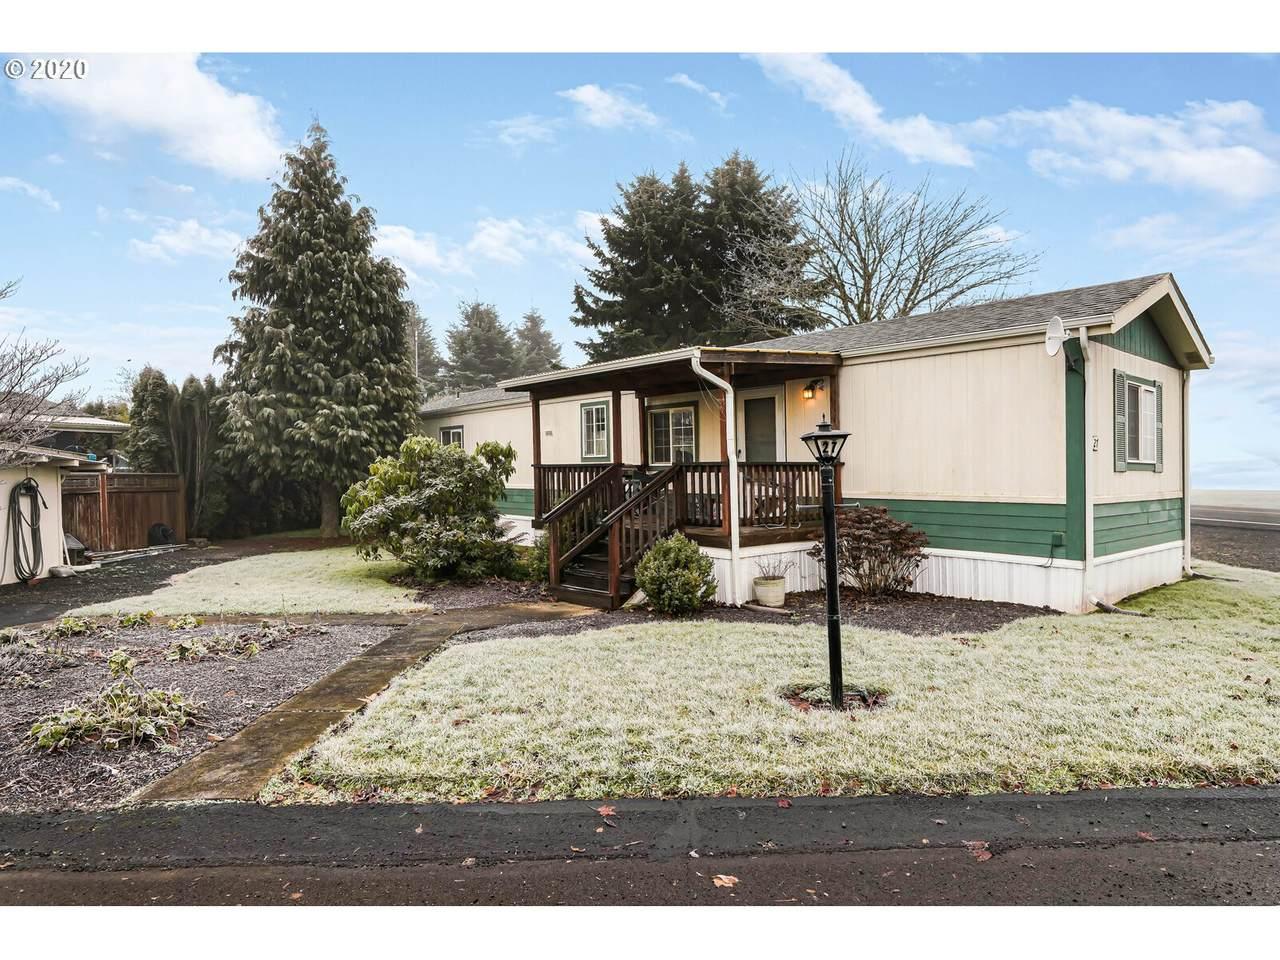 32483 Oakville Rd 27 - Photo 1